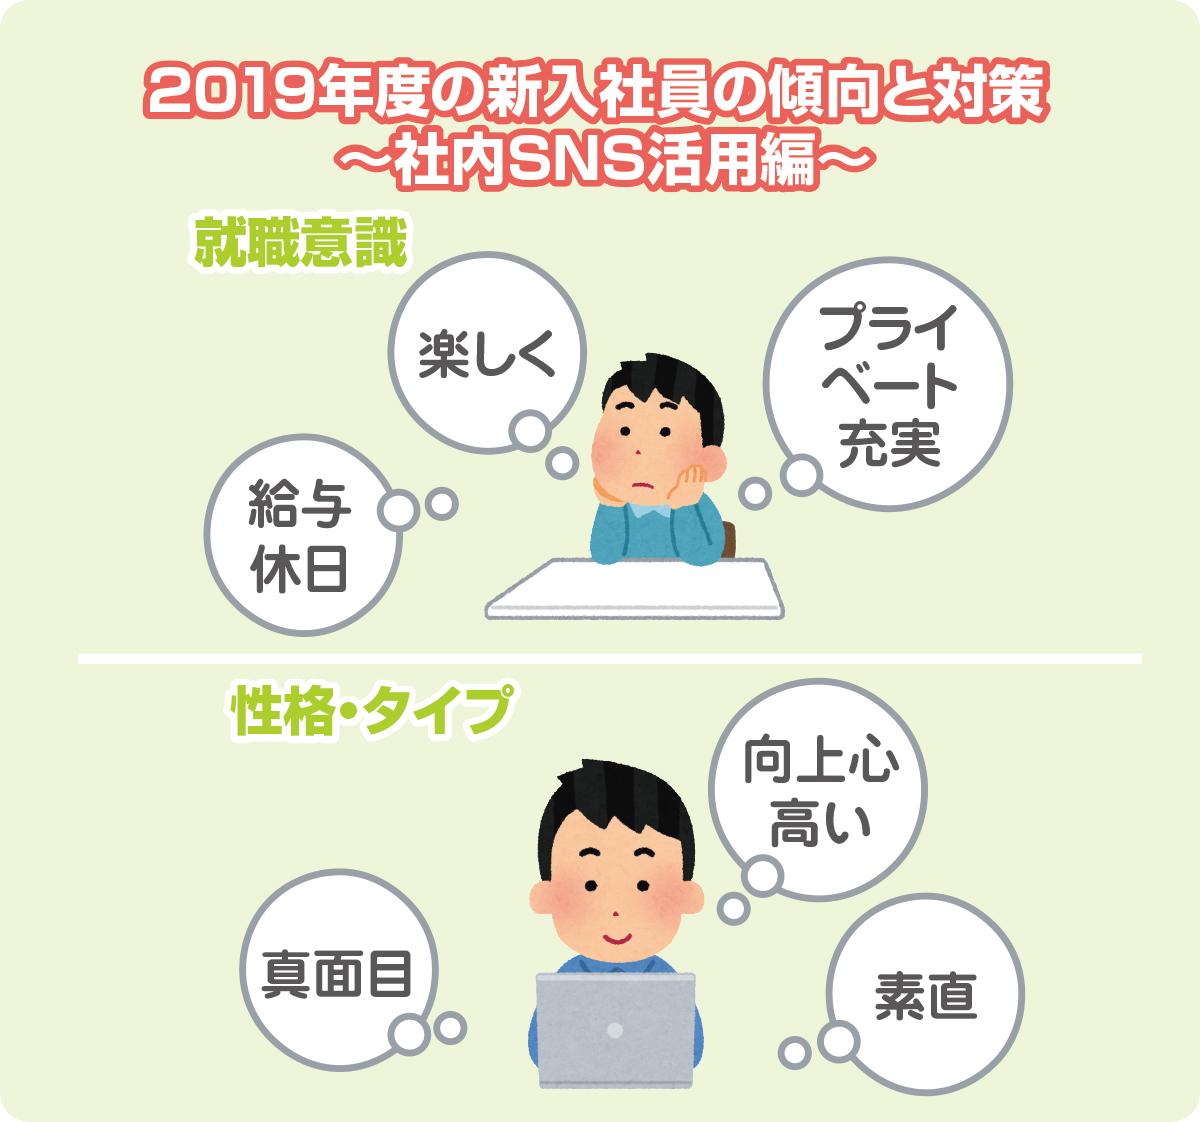 2019年度の新入社員の傾向と対策 ~社内SNS活用編~